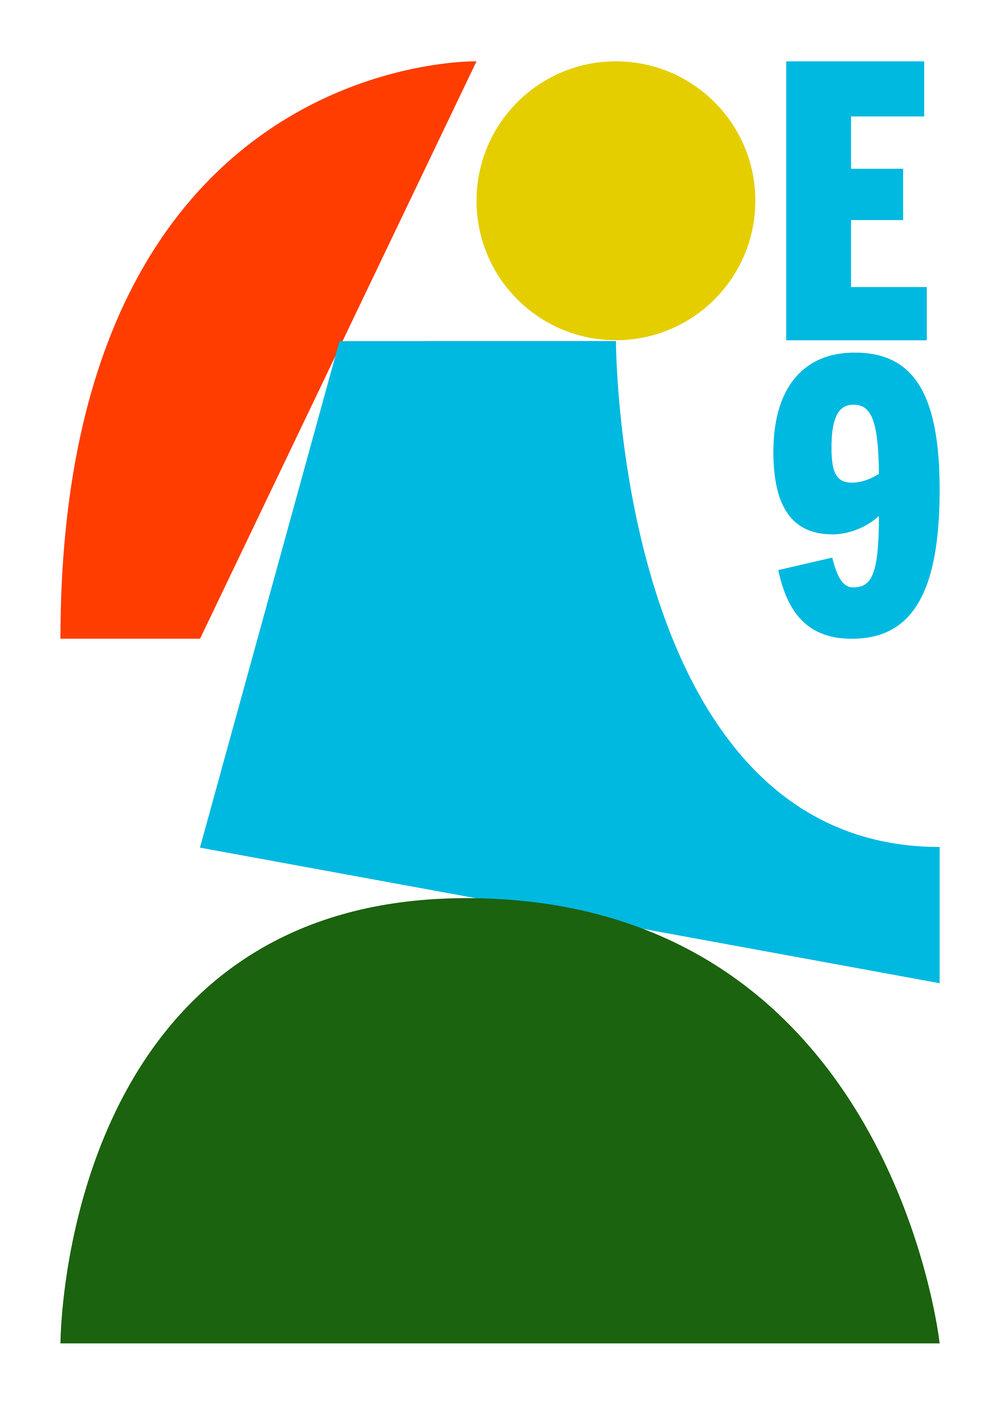 Posters-11.jpg